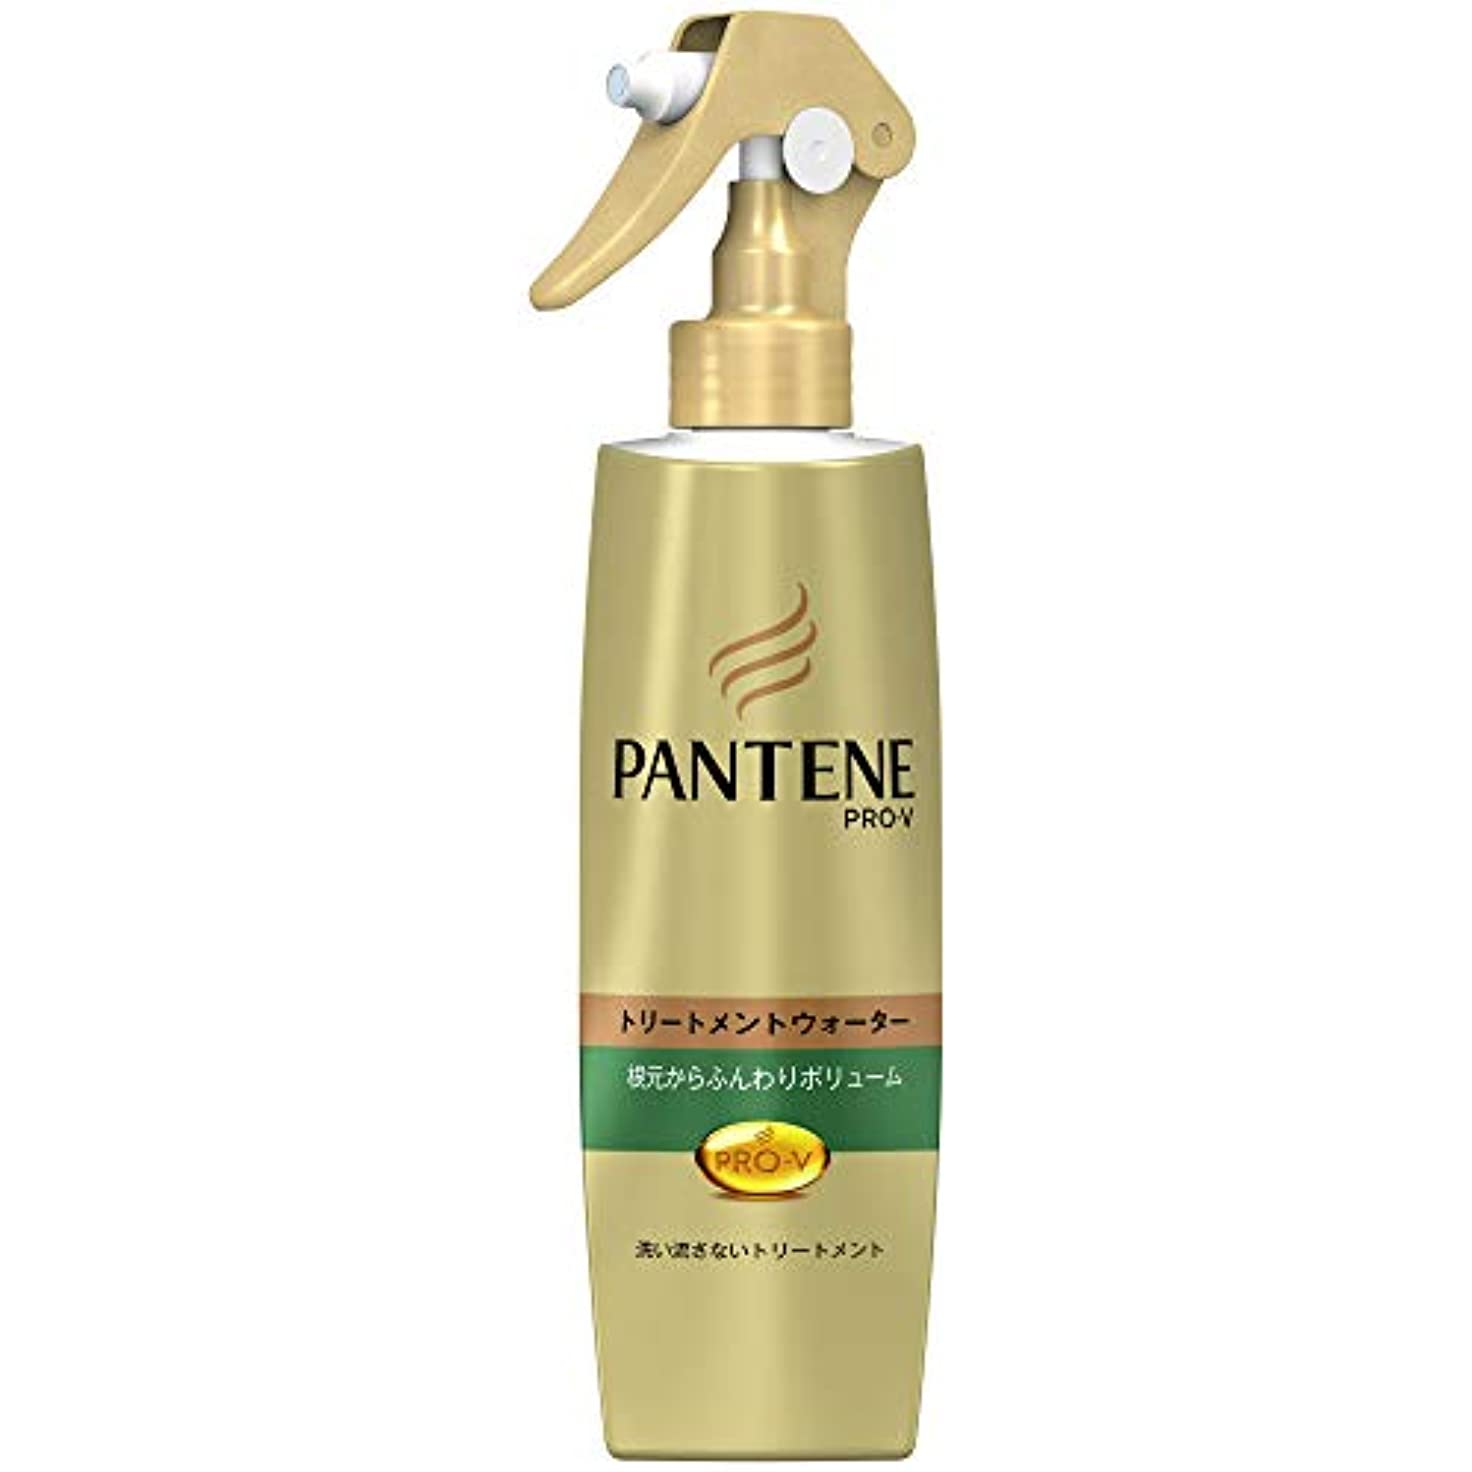 パーツモディッシュ促進するパンテーン 洗い流さないトリートメント トリートメントウォーター ボリュームのない髪用 200mL